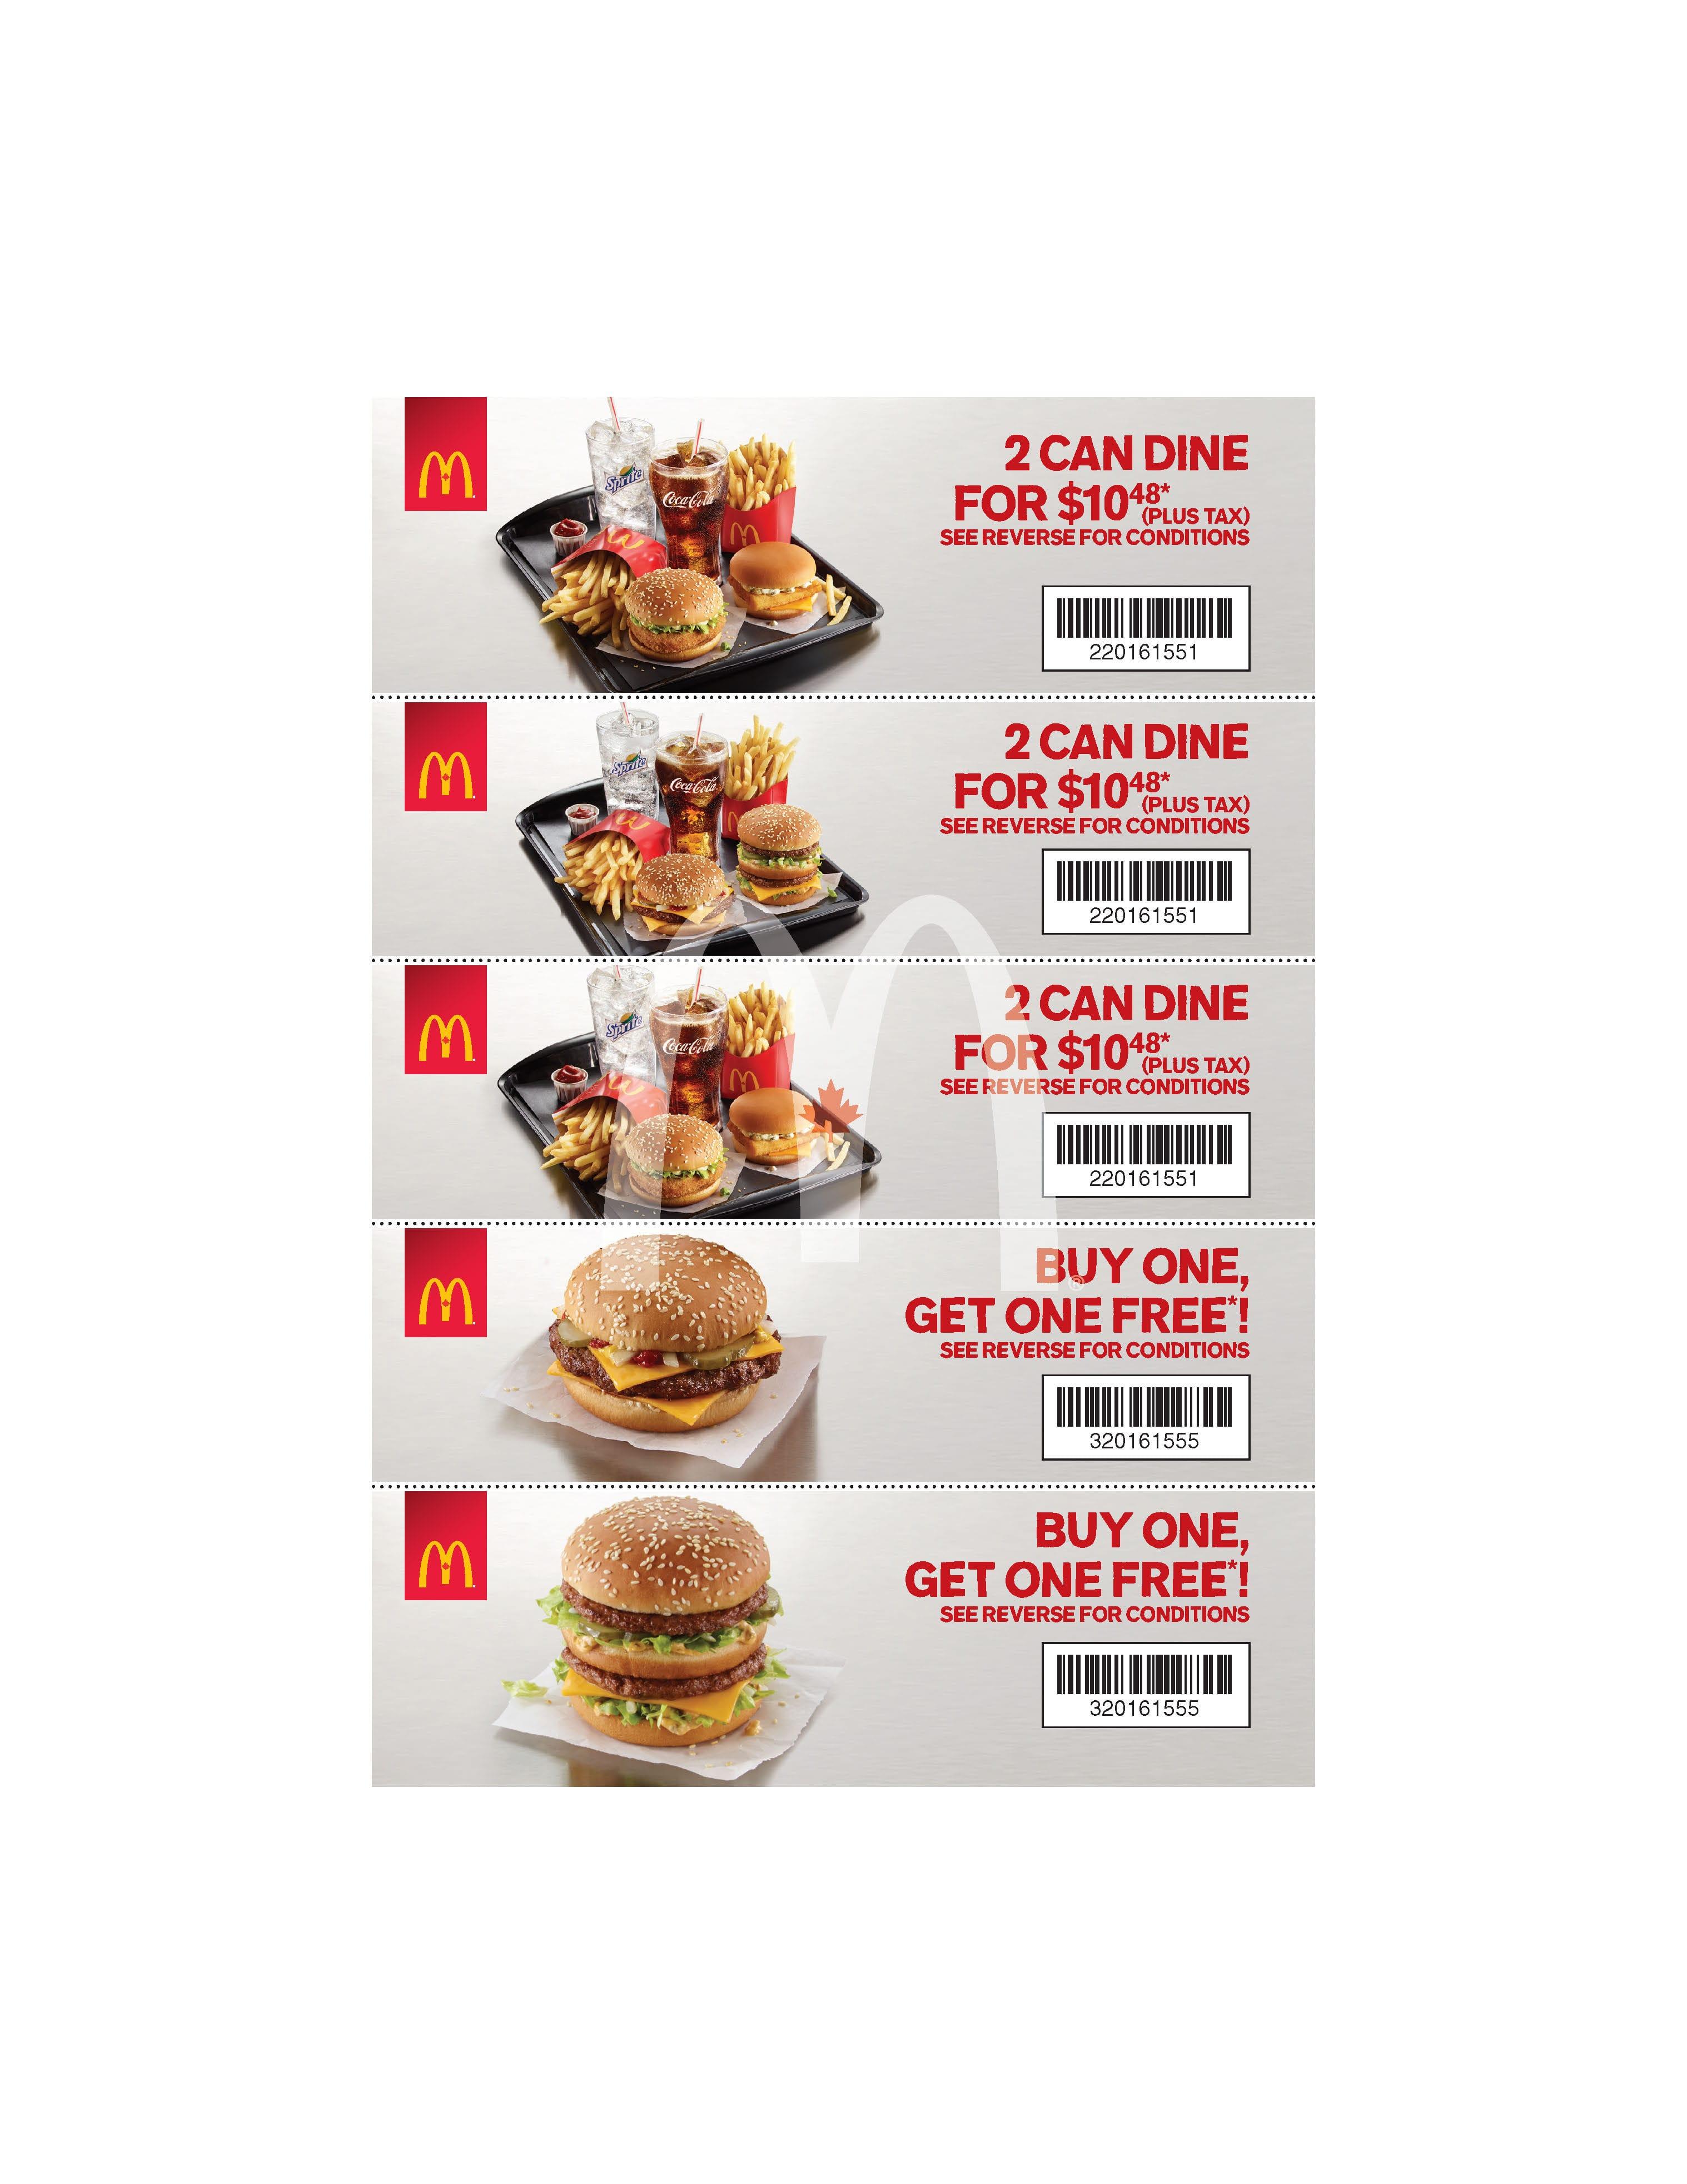 sheet-mcdonalds-coupons-free-printable